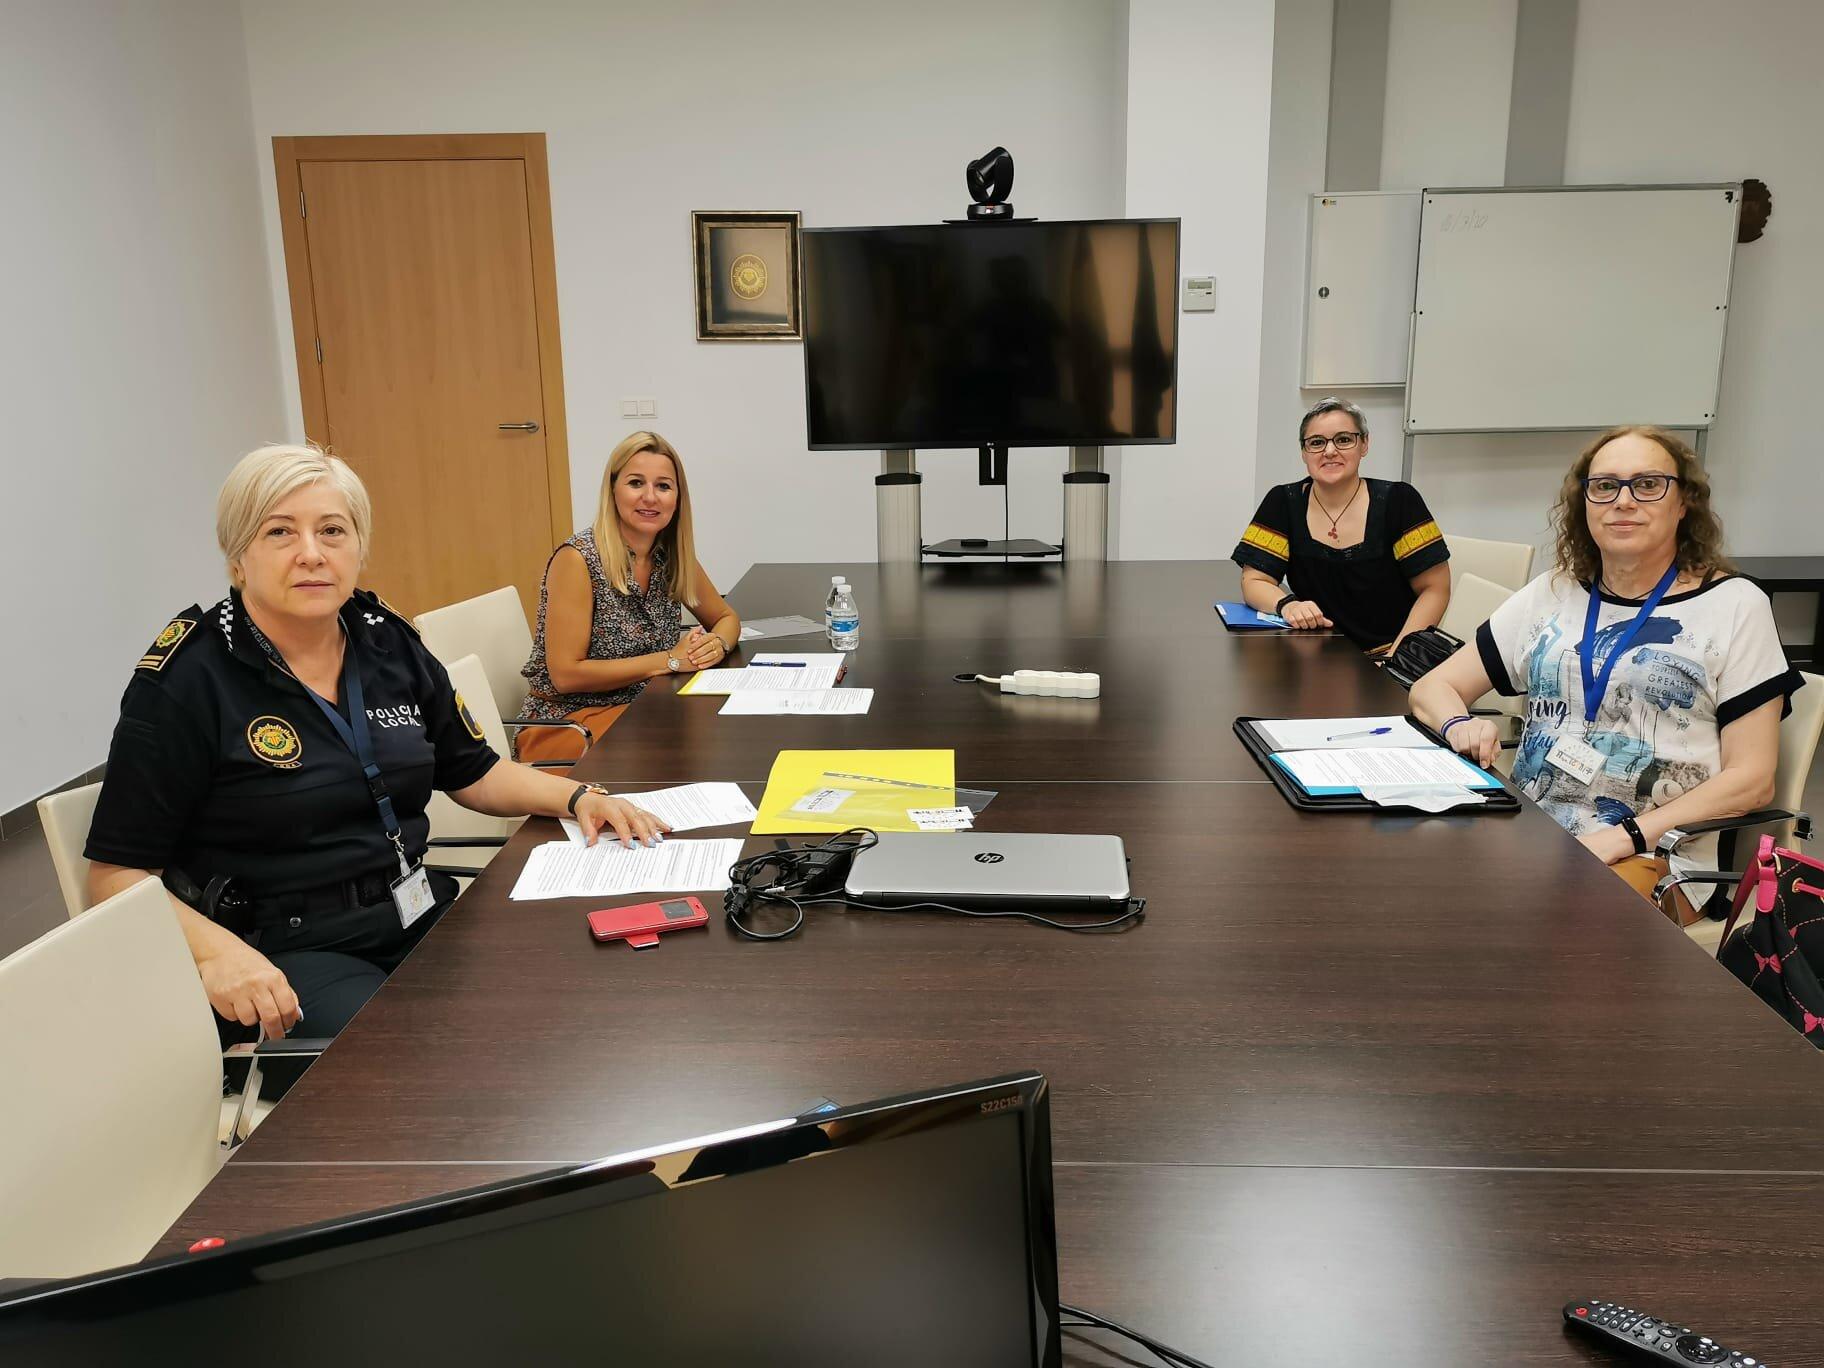 El ayuntamiento de Vila-real se reúne con la asociación Afym LGTBI+ para afianzar la colaboración y atención al colectivo